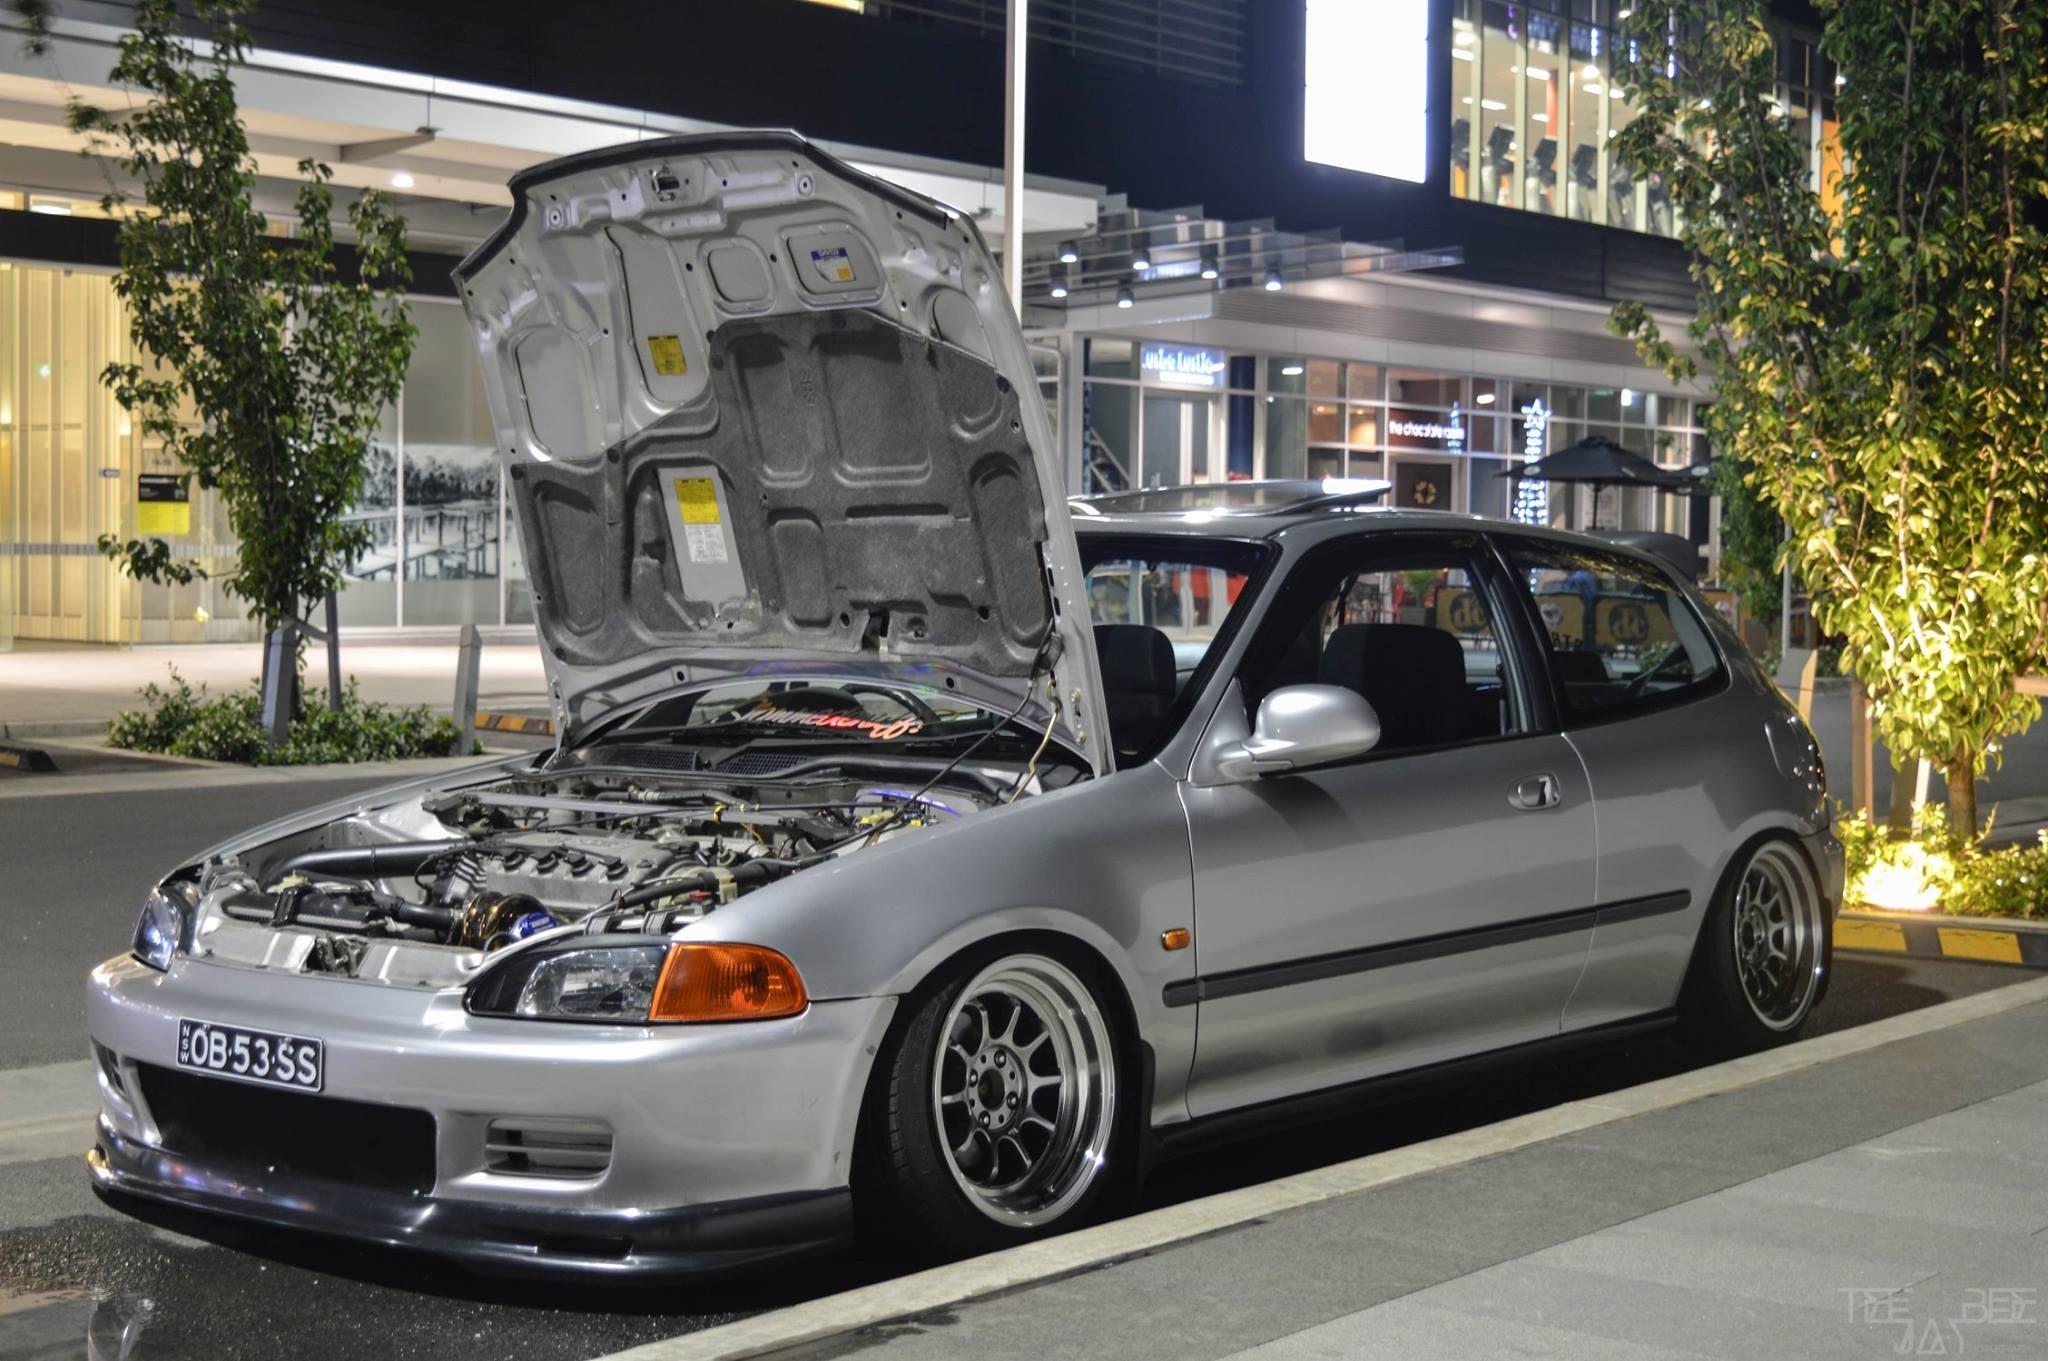 j.armugam Honda Civic EG6 MPPSOCIETY Civic EG